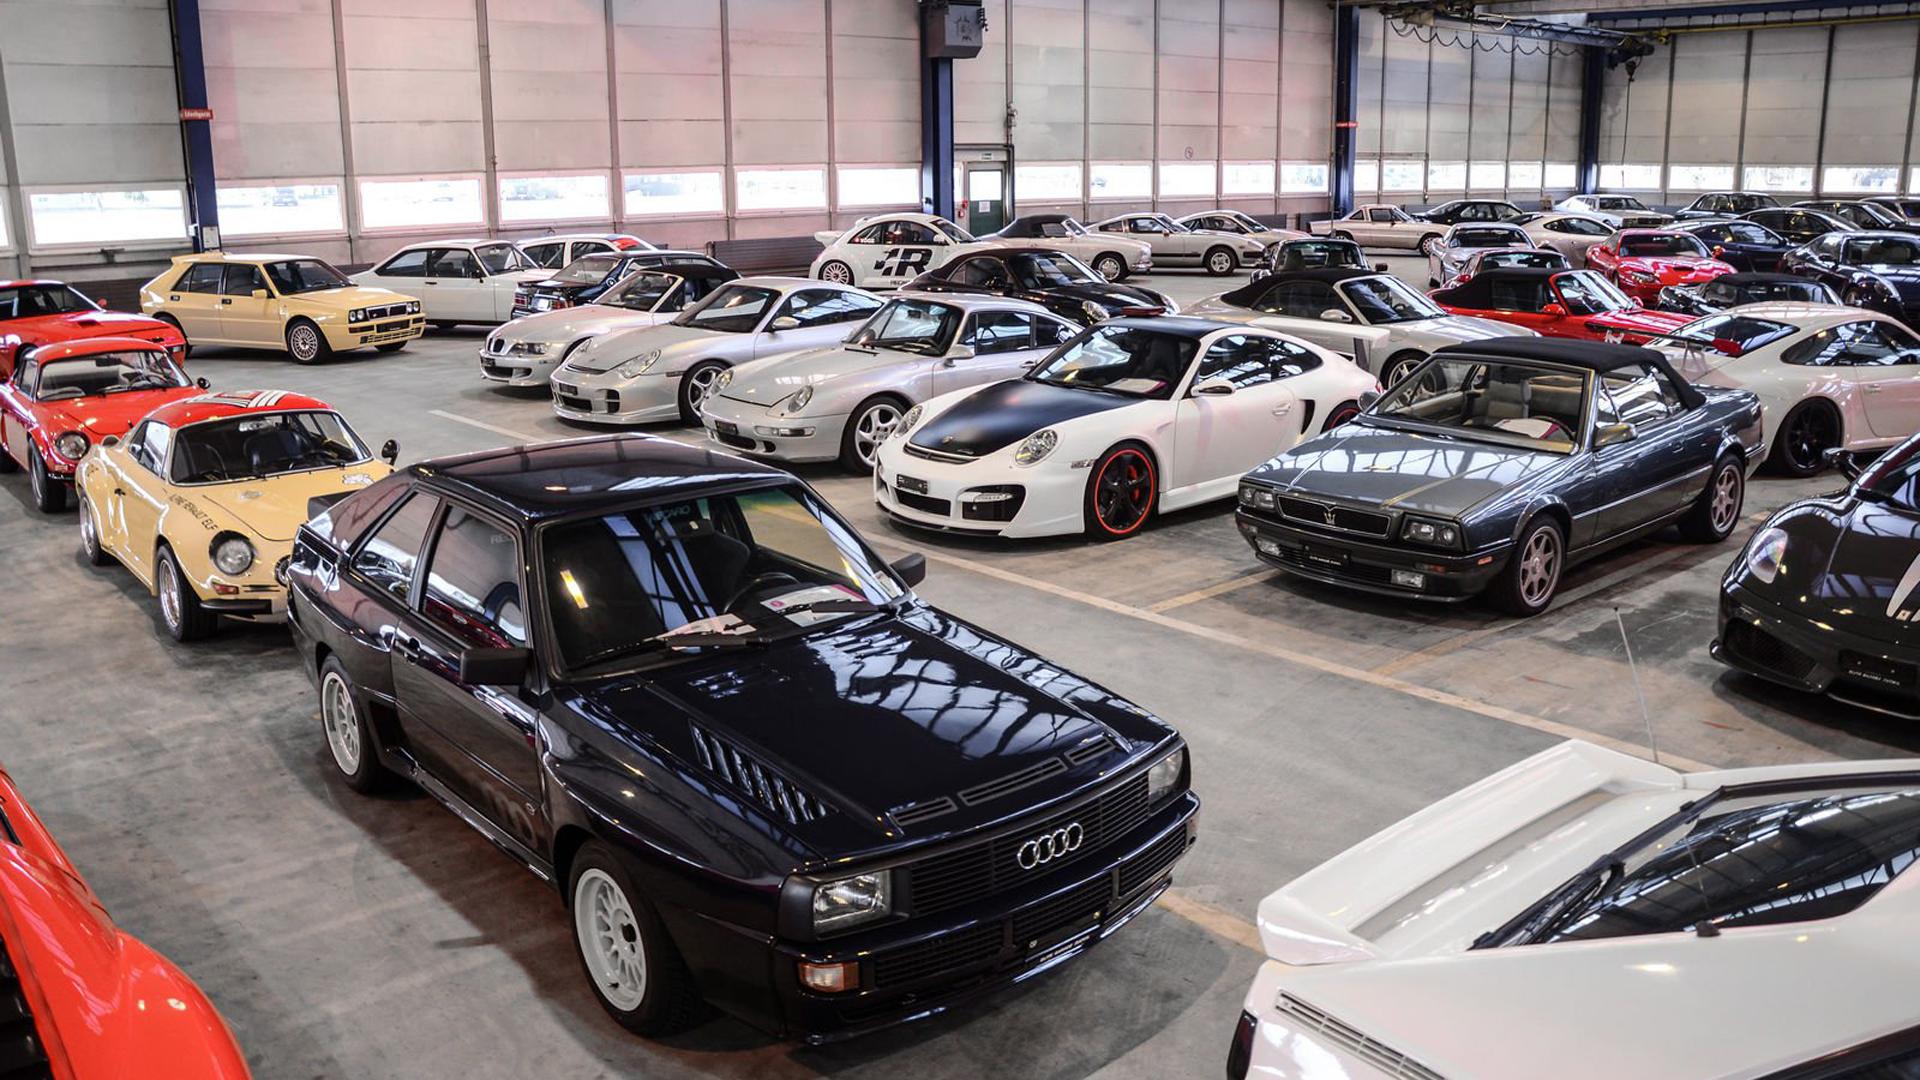 Su flota de autos exclusiva se eleva a 5.000 modelos, muchos de ellos únicos en el mundo